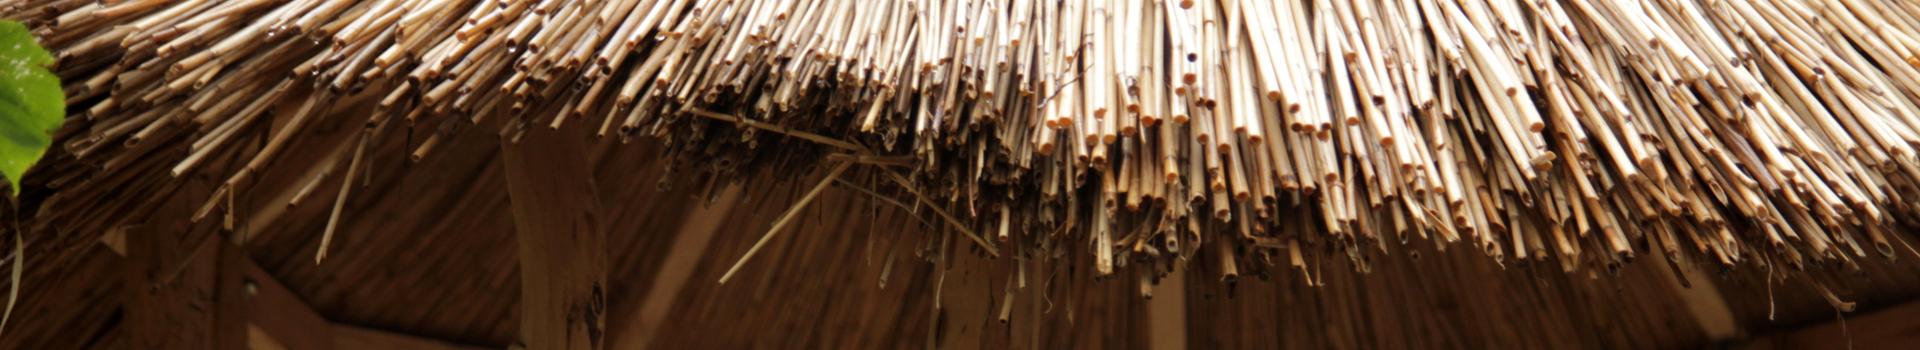 Rákosový altán